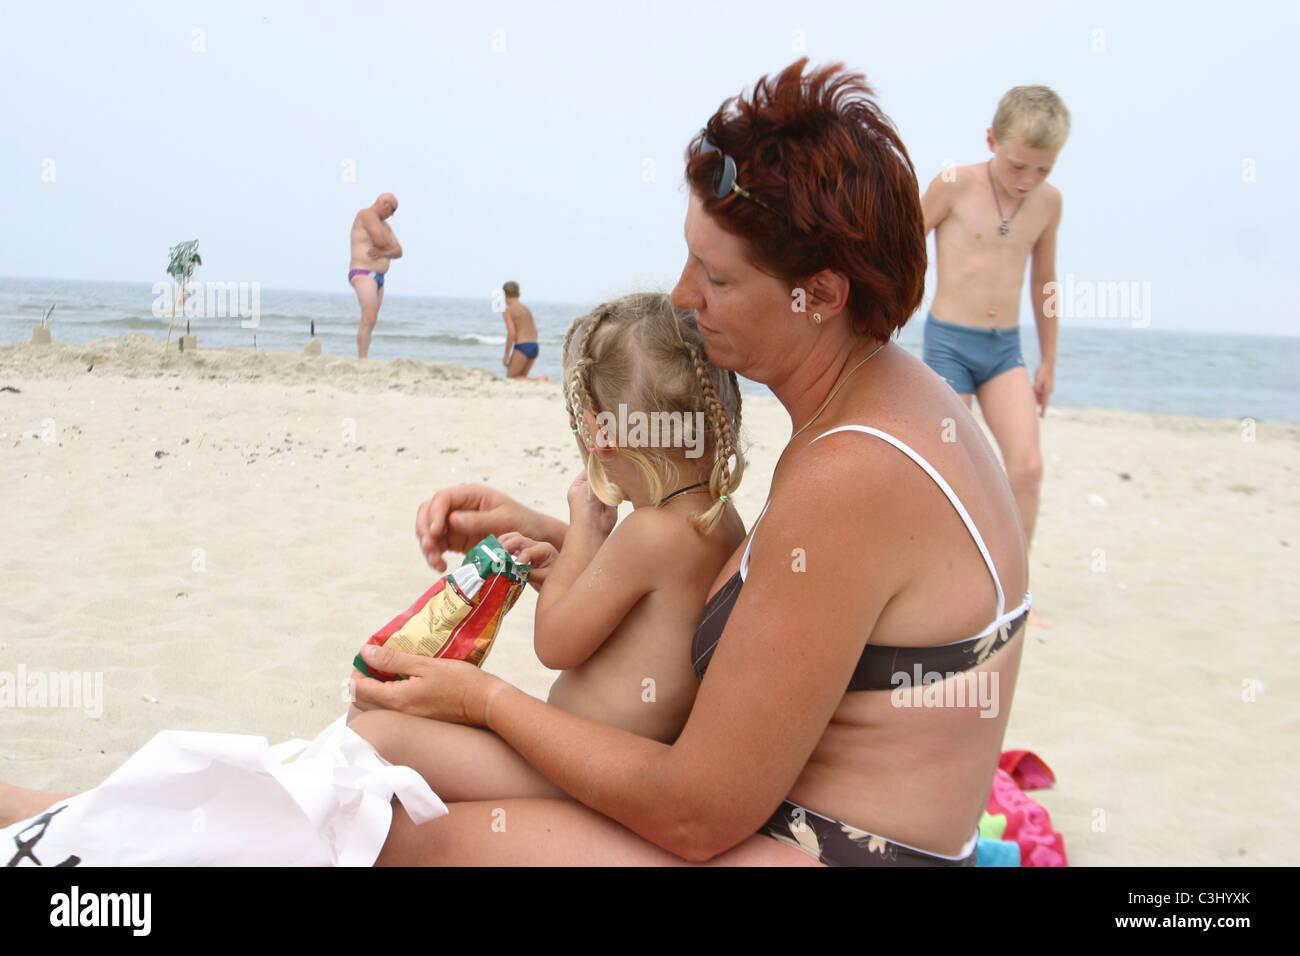 Erwachsene Frau im Bikini am Strand, die Fütterung ihrer Tochter Junk-Food Kartoffelchips am Strand übergewichtig. Stockbild